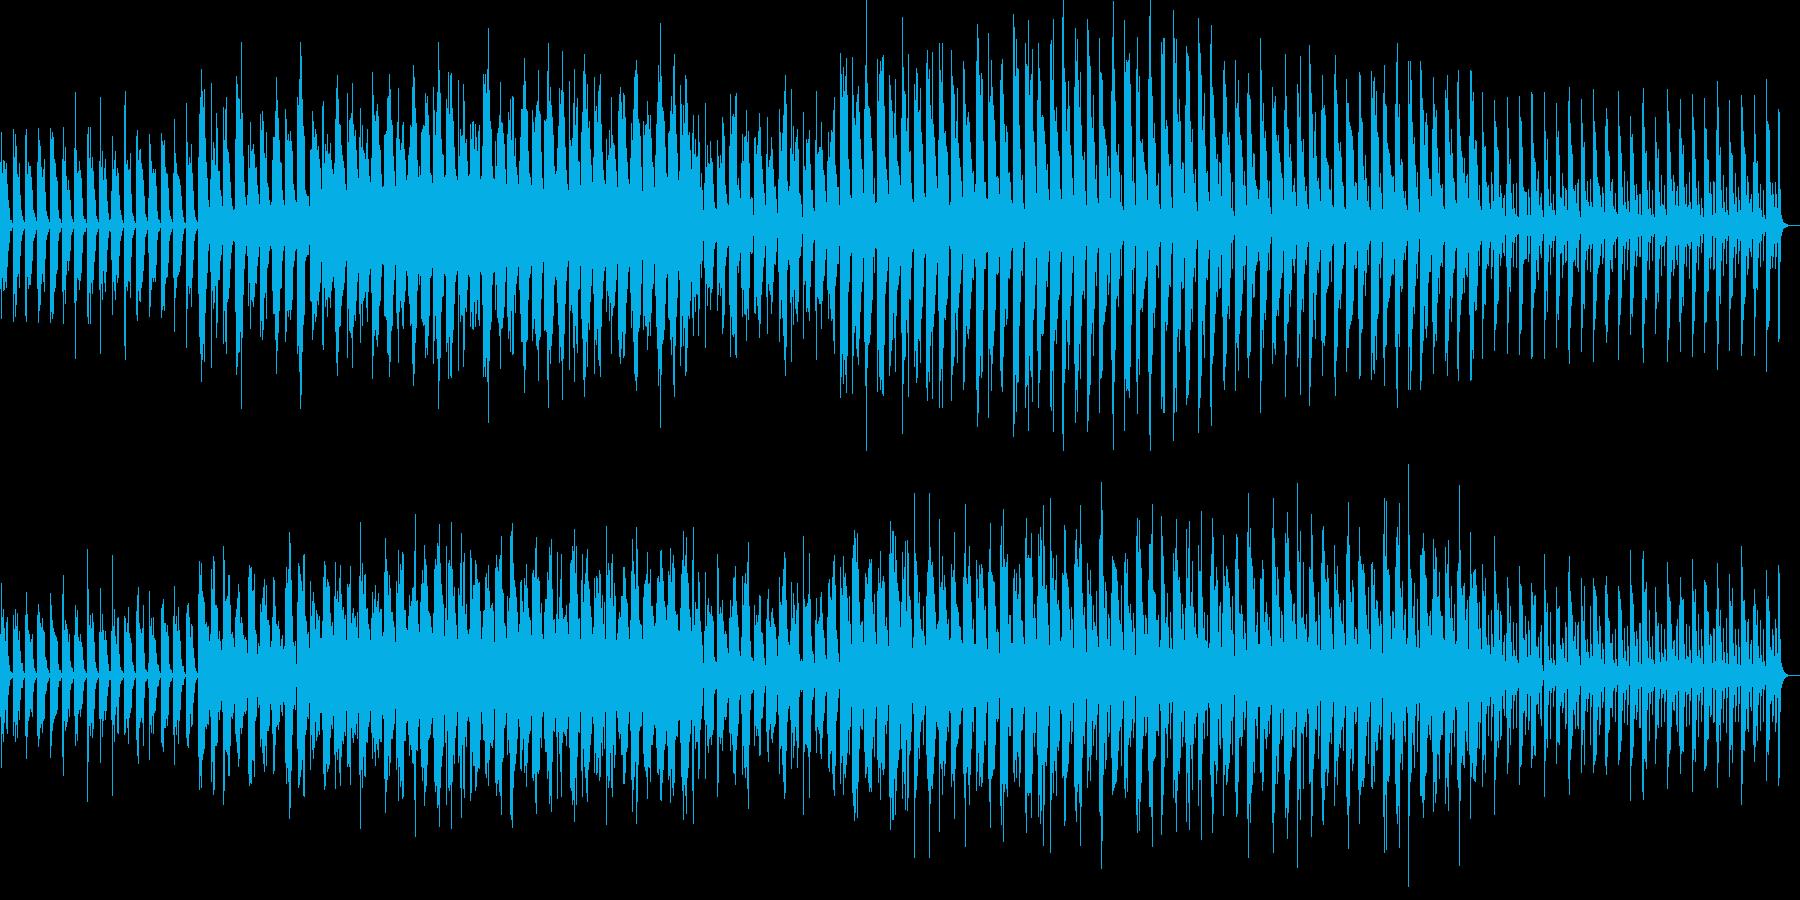 少しづつ変化するメロディの再生済みの波形